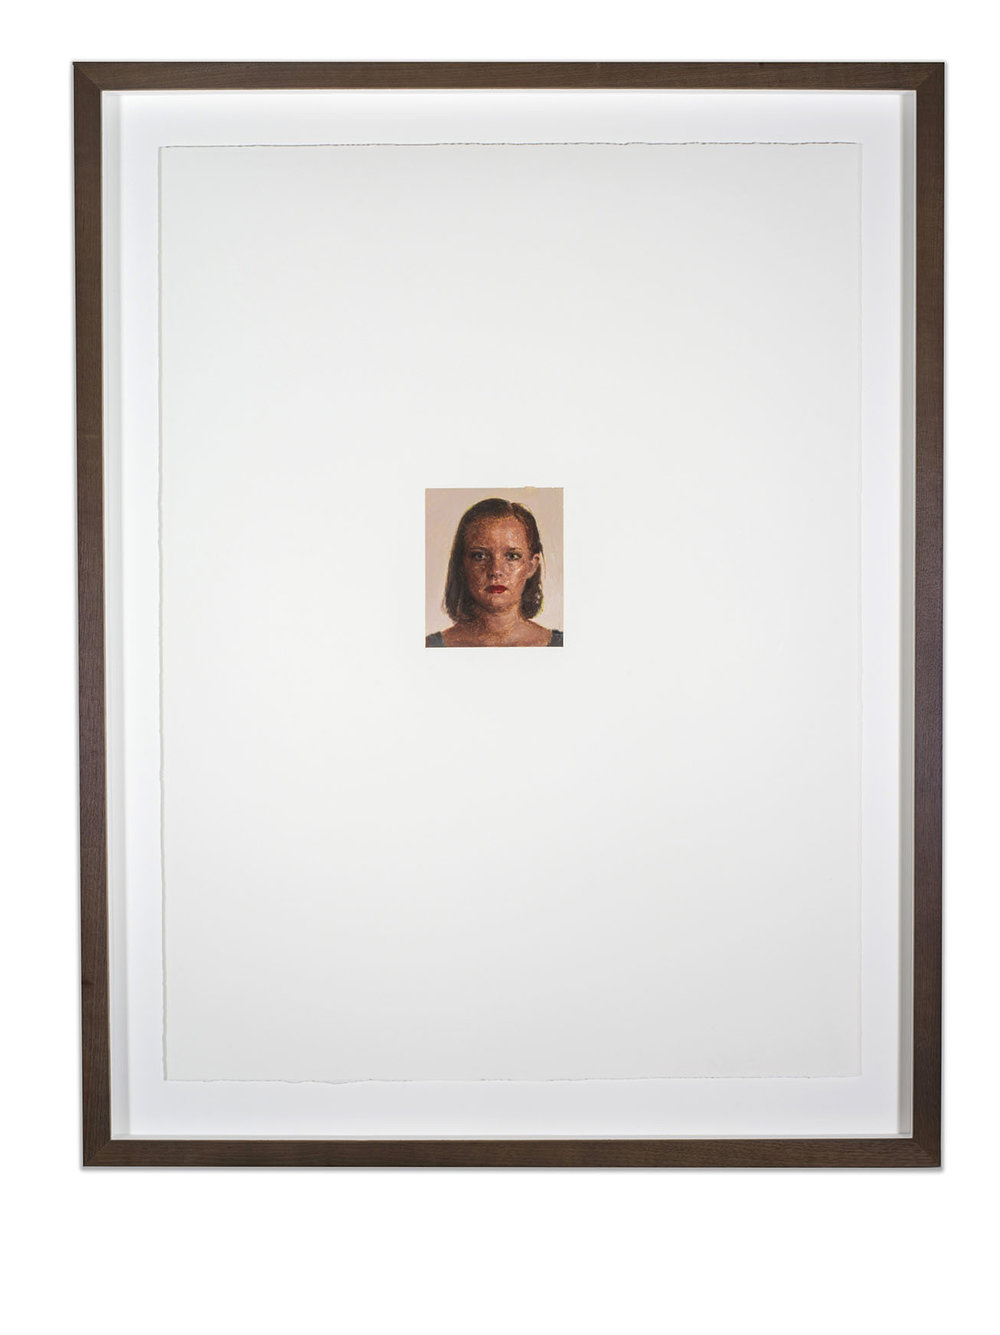 Portrait of Susan Frances Fragar, oil on papoer, 67.5 x 50 cm, (image 10 x 11.5 cm), 2016. (Private collection).